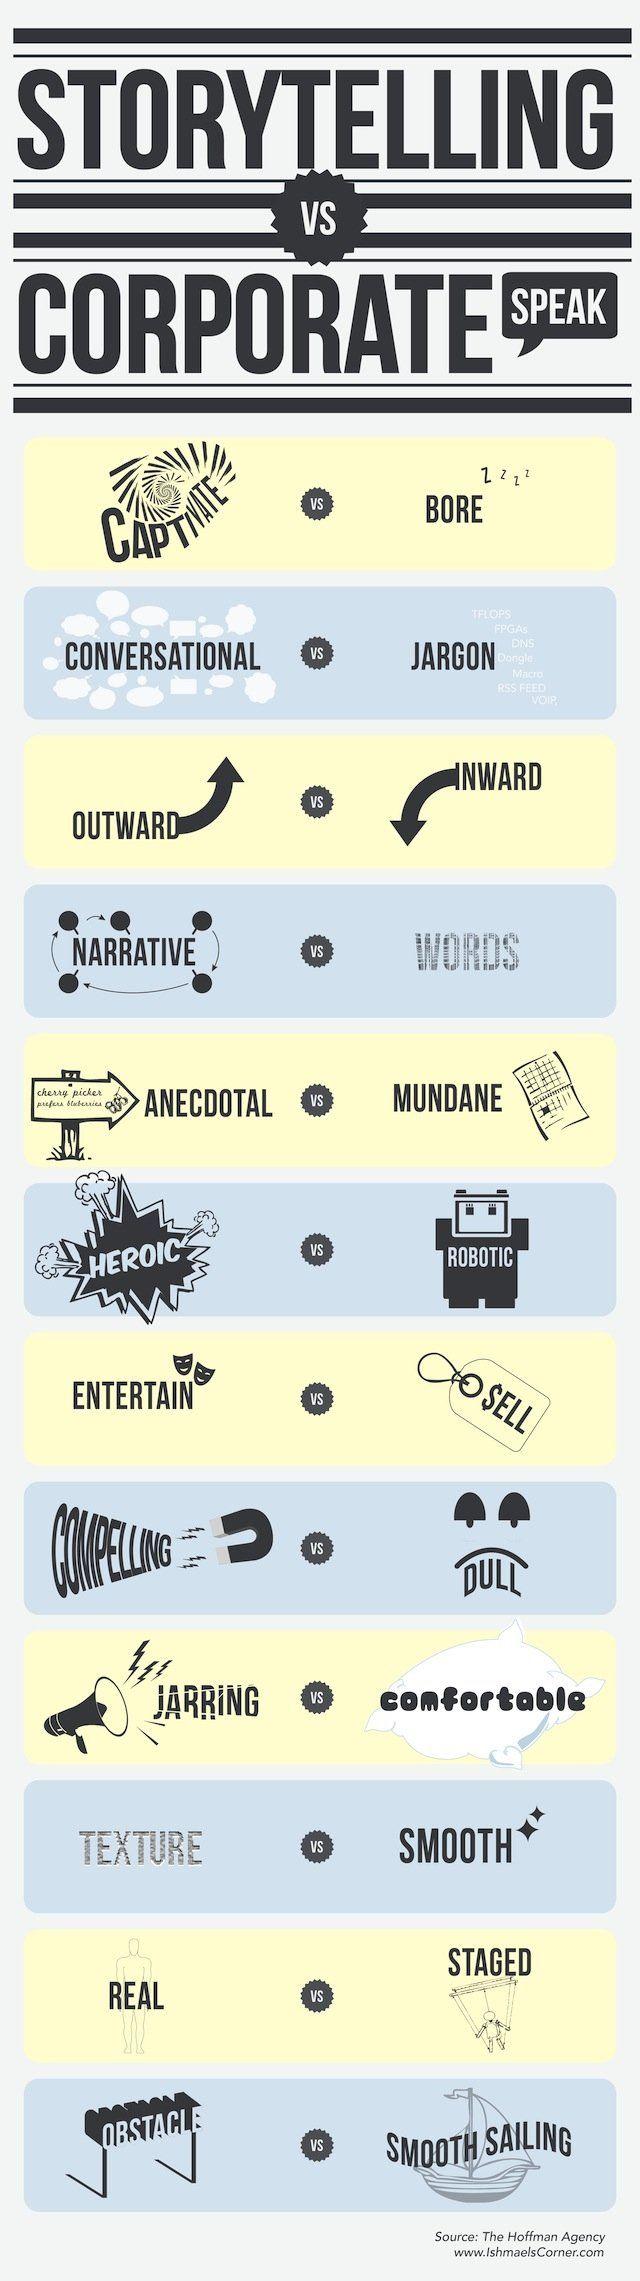 Mooie infographic over de stijl die je nodig hebt voor content marketing storytelling-vs-corporate-speak